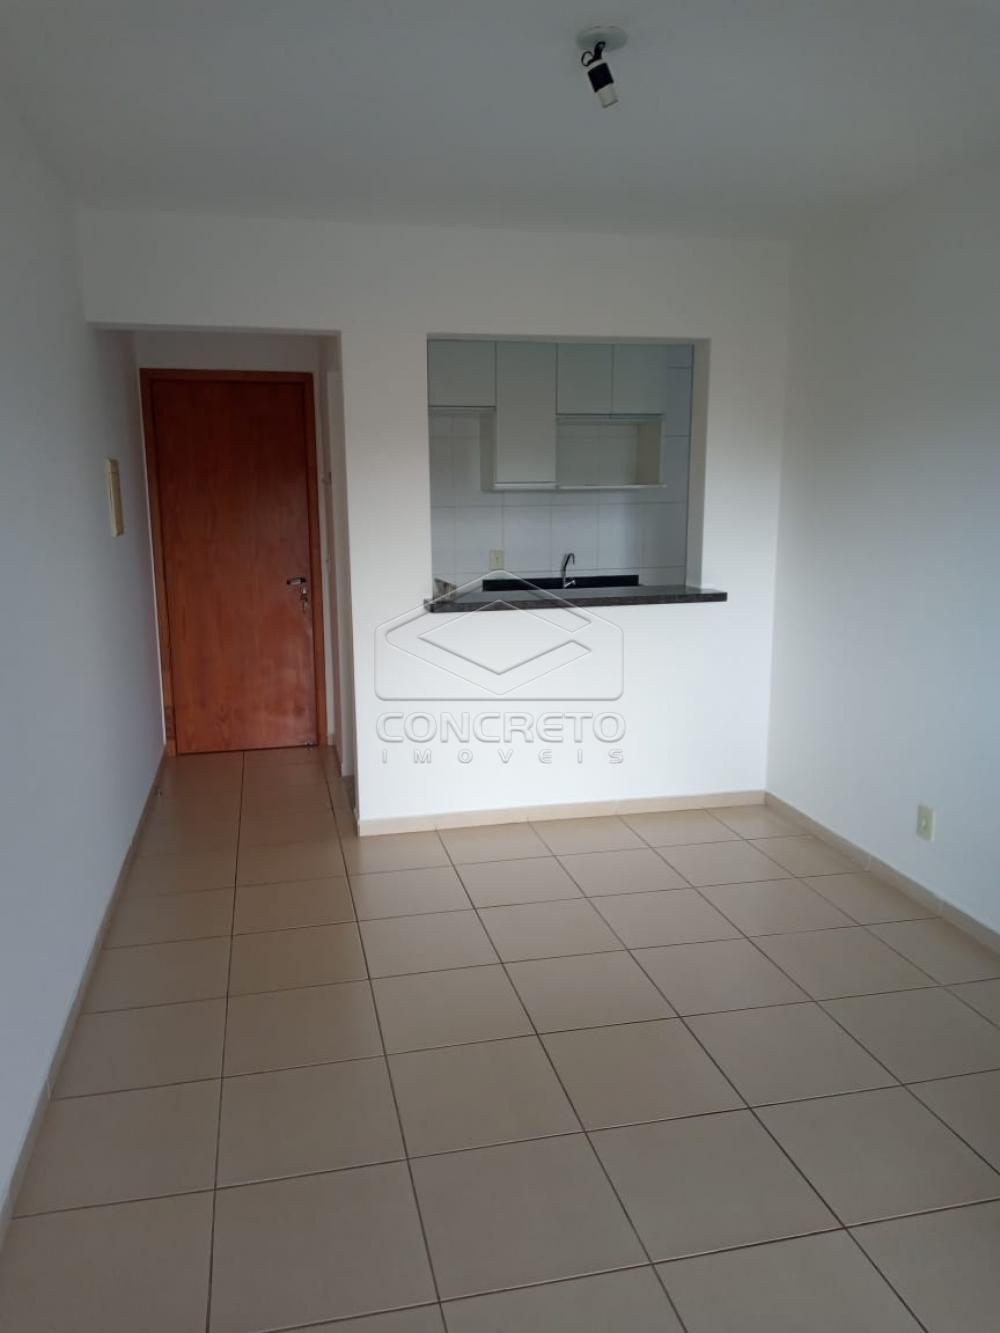 Alugar Apartamento / Padrão em Bauru apenas R$ 1.200,00 - Foto 1